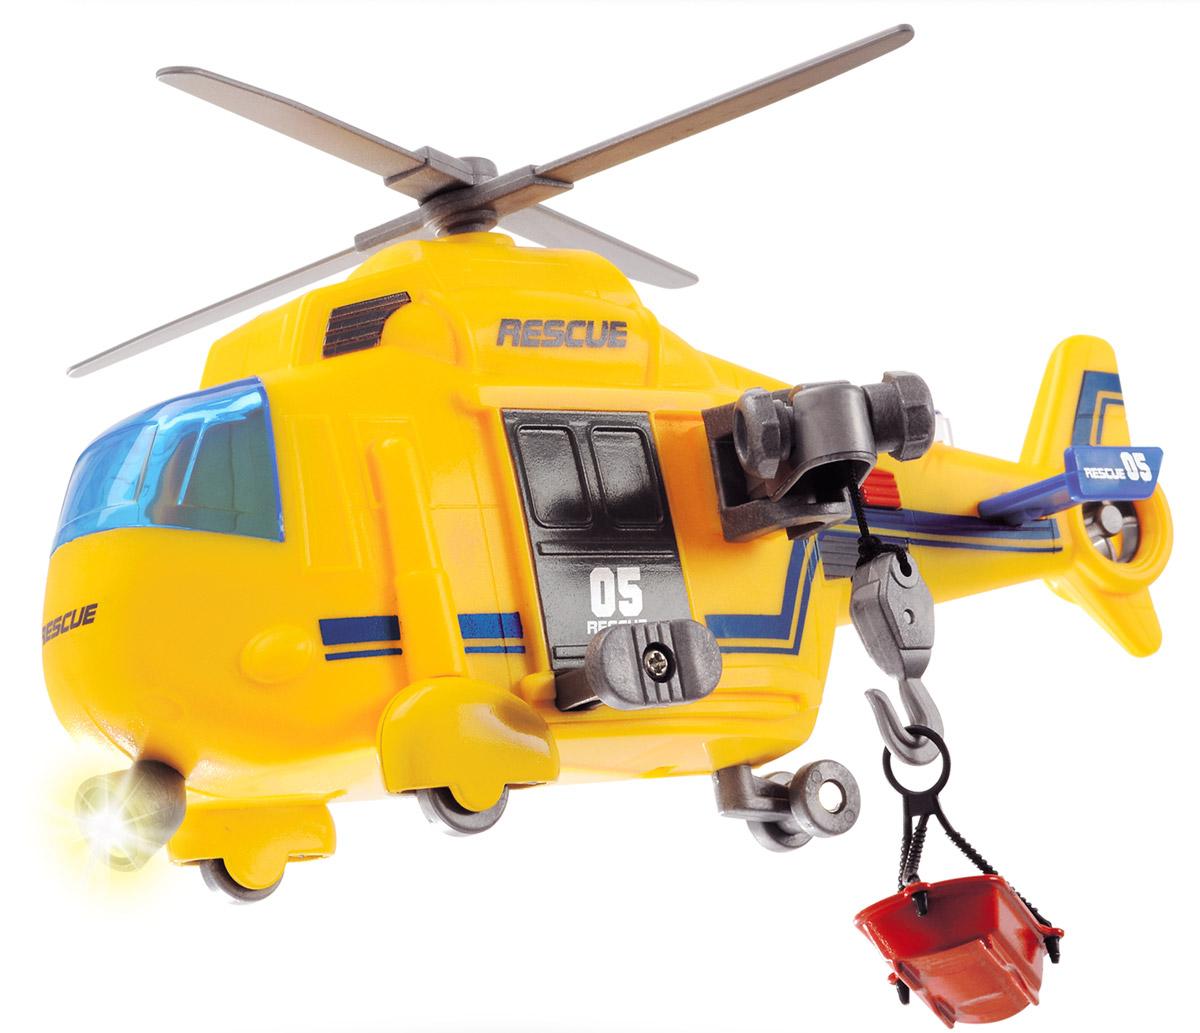 Dickie Toys Спасательный вертолет3302003Спасательный вертолет Dickie Toys даст возможность ребенку почувствовать себя маленьким спасателем, спешащим на помощь людям, попавшим в беду. Вертолет окрашен в яркие цвета. Подвесная люлька отделяется от специального крючка, в нее можно положить небольшую игрушку в виде человечка, животного или необходимого груза. При нажатии на красную кнопку у игрушки начинают крутиться винты, гудит сирена, зажигаются сигнальные огни и фары. Спасательный вертолет отлично развивает фантазию и мышление, расширяет кругозор. Рекомендуется докупить 3 батарейки напряжением 1,5V типа LR41 (товар комплектуется демонстрационными).